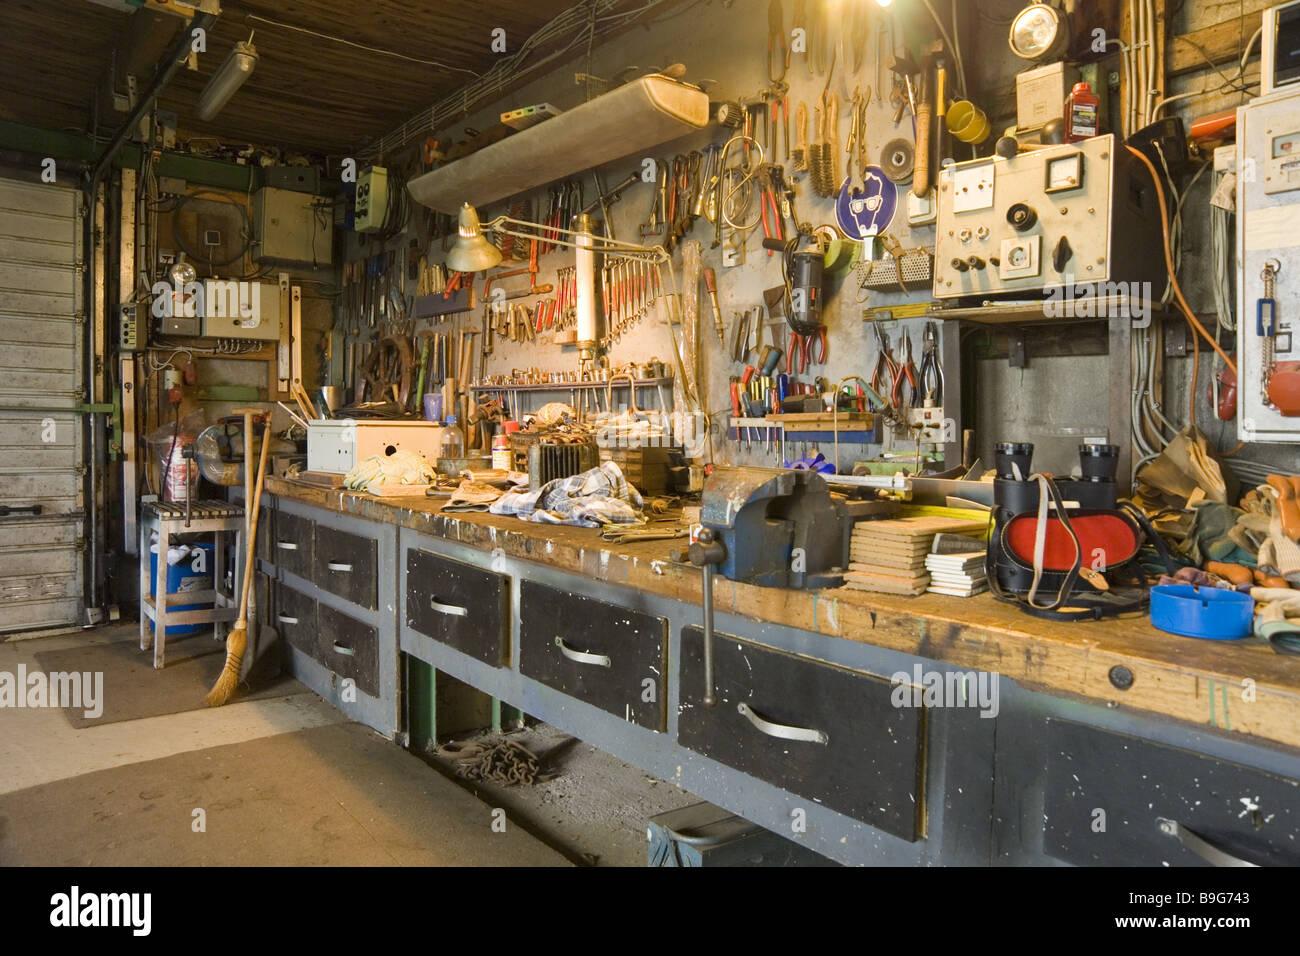 interior garage hobby workshop stock photo 23099107 alamy. Black Bedroom Furniture Sets. Home Design Ideas